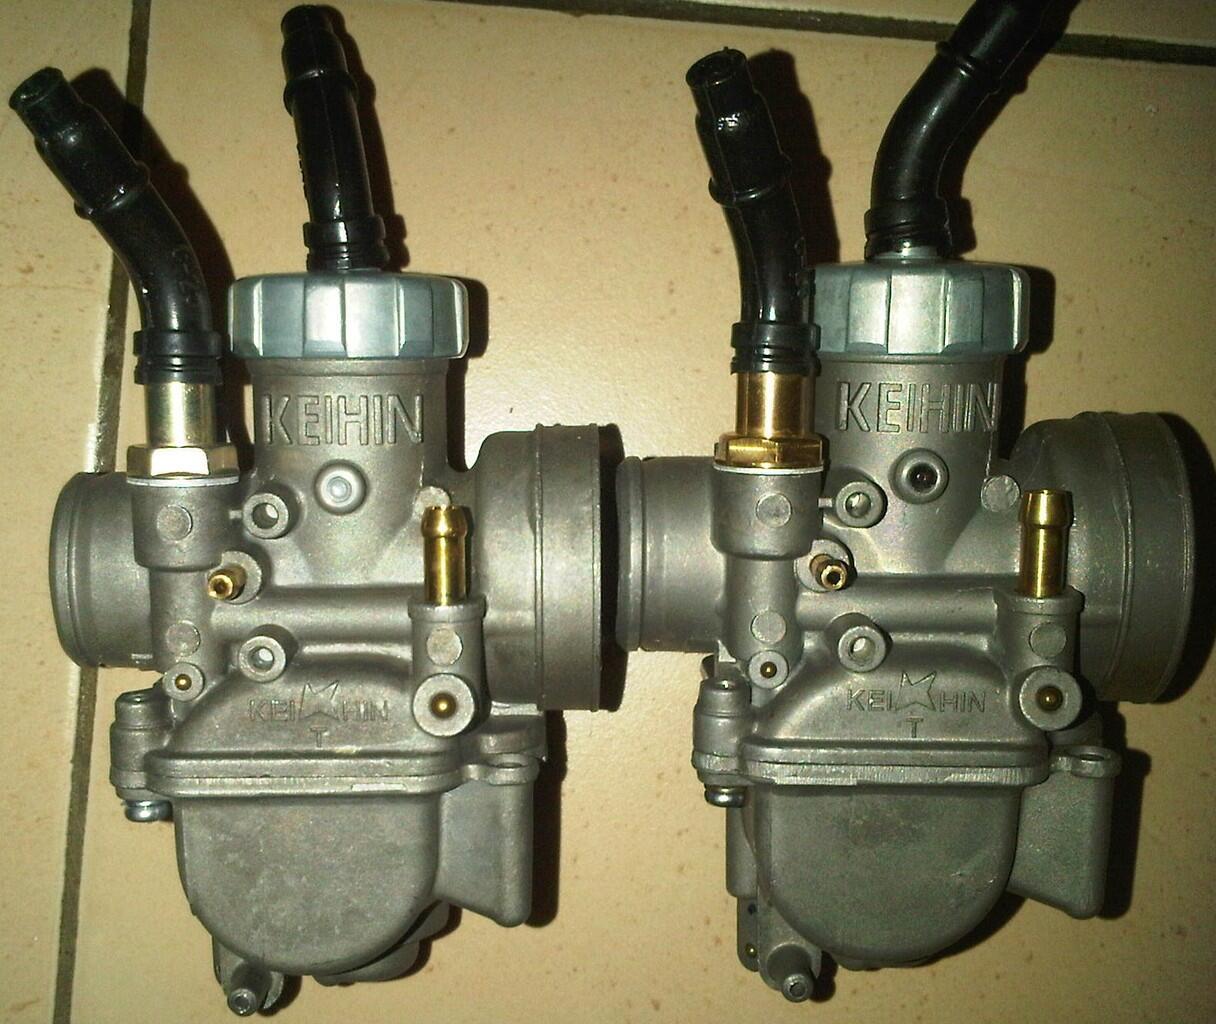 Terjual Karburator keihin PE24/26/28 + PWL26/28 + PWK28